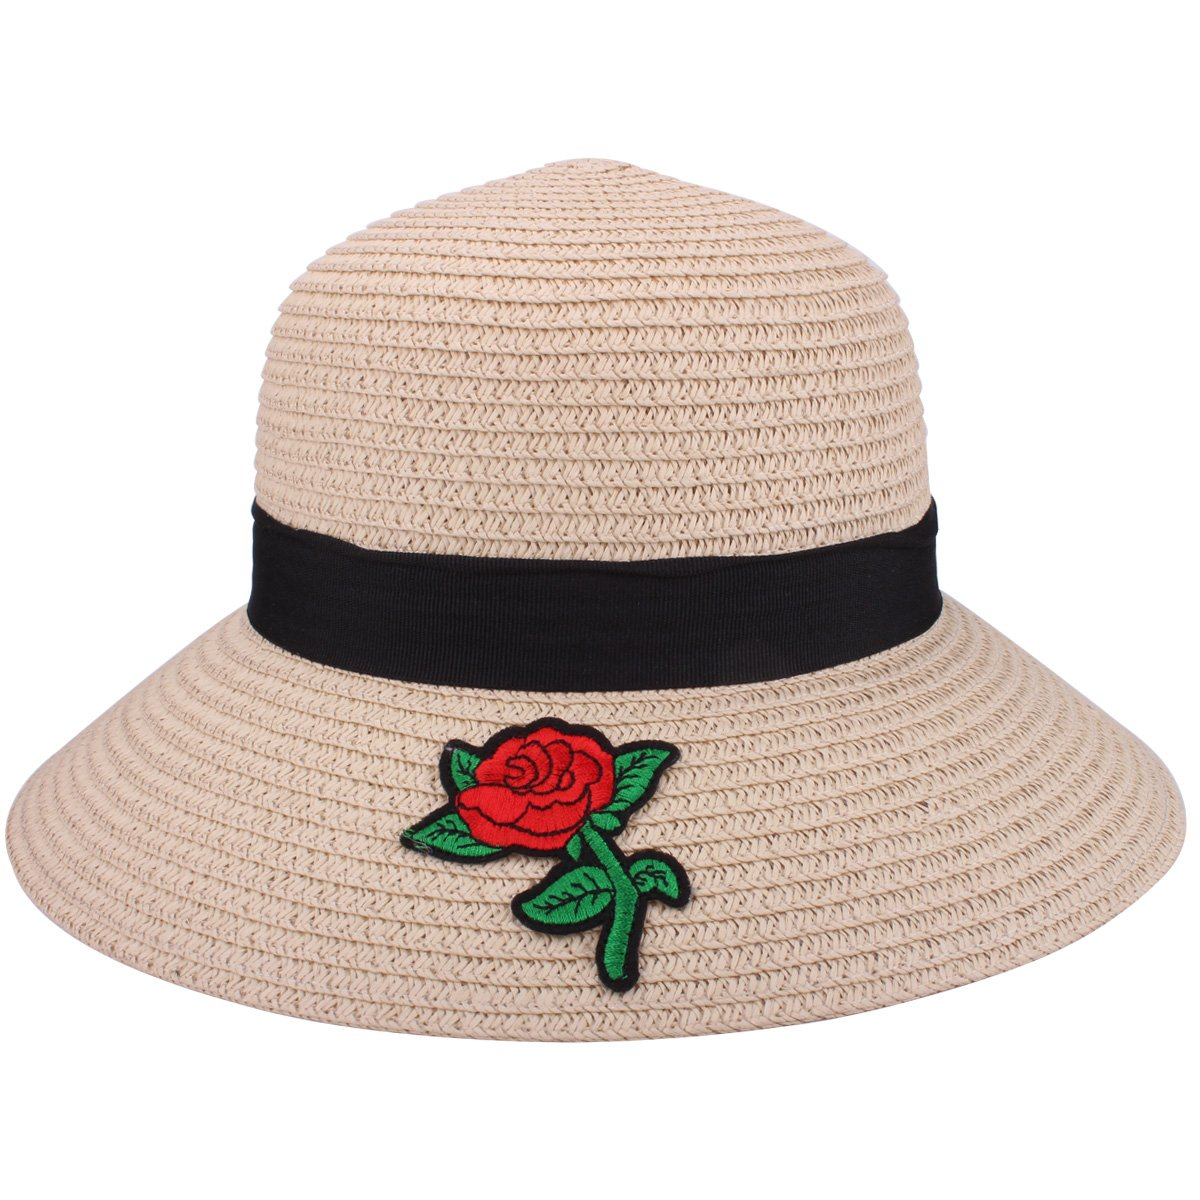 YOPINDO Sombrero de paja para mujer UPF 50+ Big Brim Sombrero de playa  plegable Summer Beach Hat Chapeau de soleil 294ccab0632d